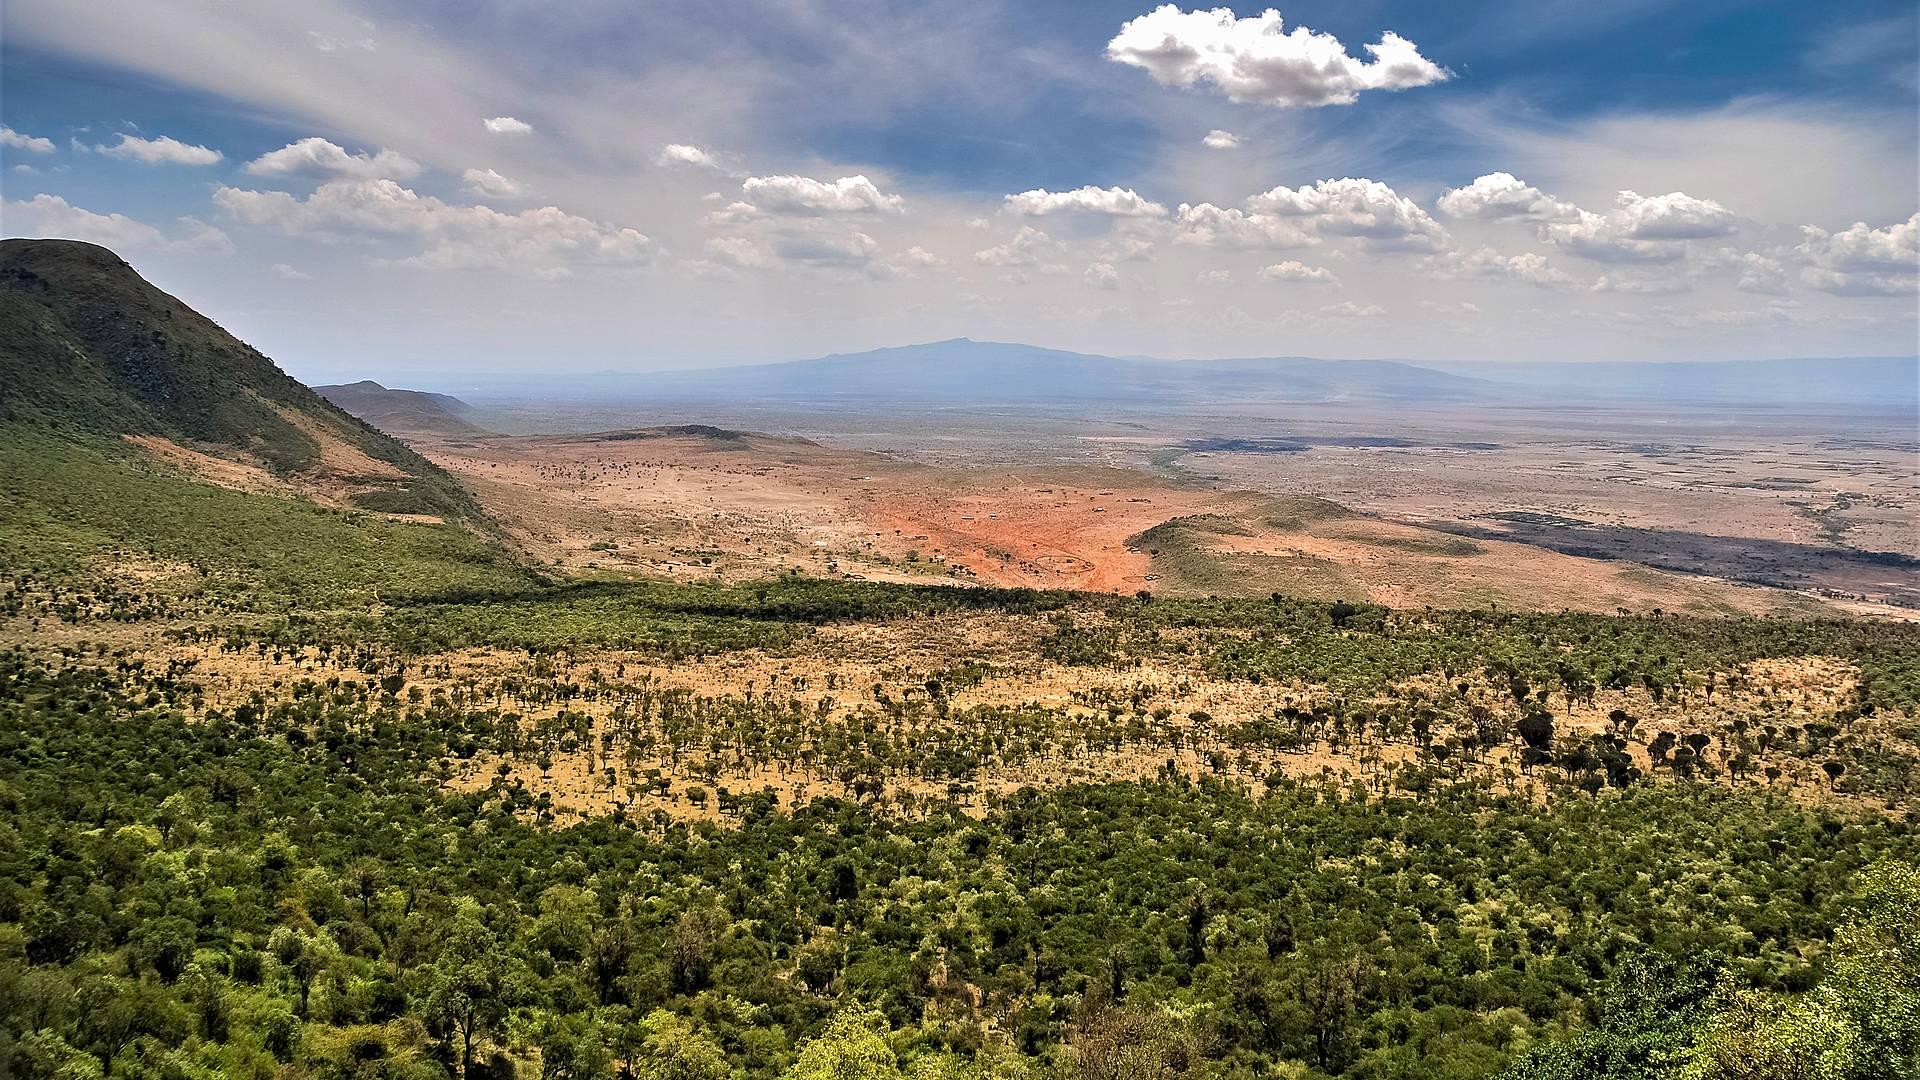 Sorvolando la Rift valley con estensione a Watamu